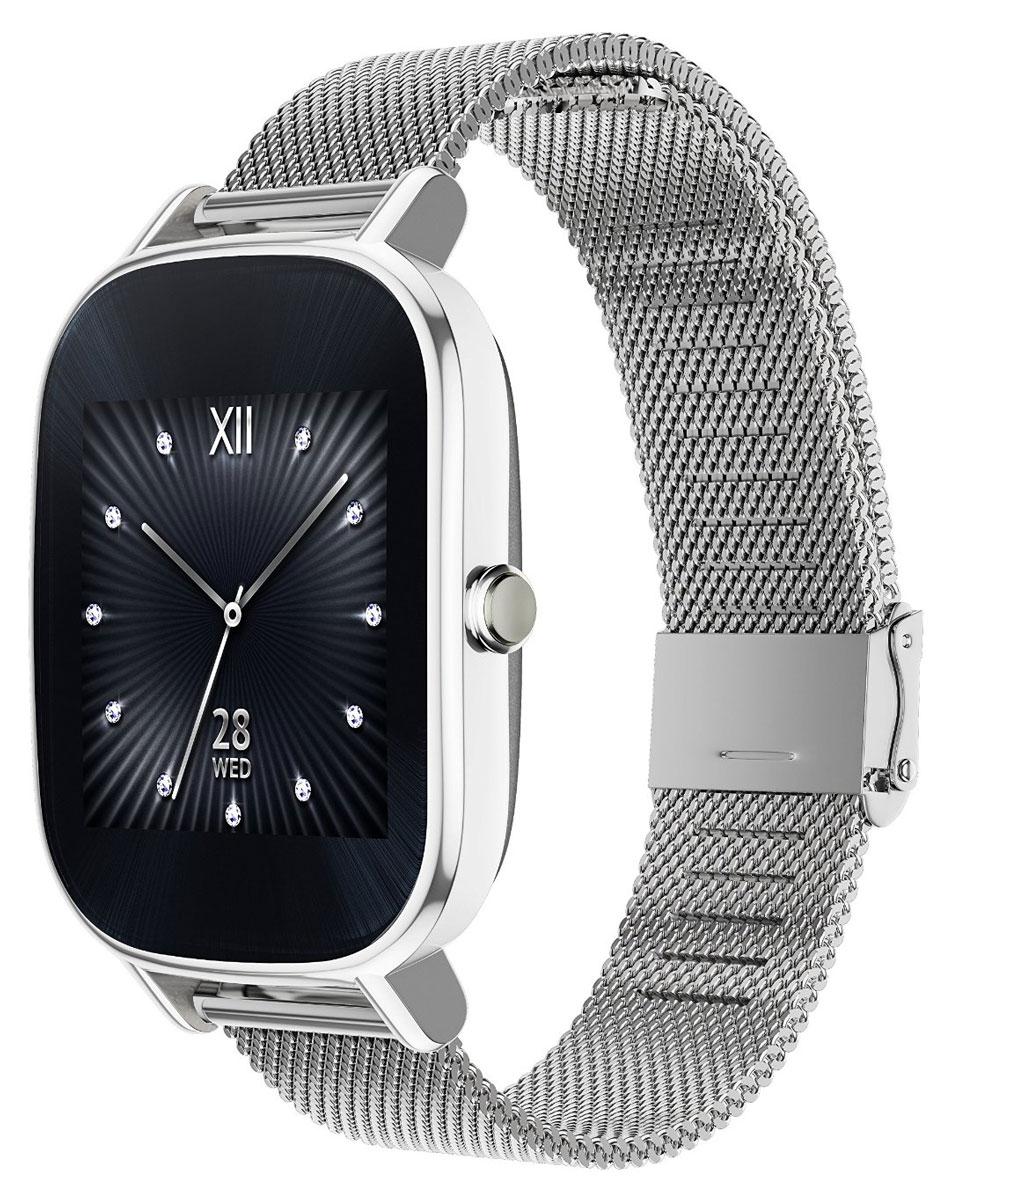 ASUS ZenWatch 2 WI502Q(BQC), Silver смарт-часы4712900359725Asus ZenWatch 2 - традиции и инновации в одном стильном устройстве.ZenWatch 2 - это стильные часы с мощной функциональностью. Корпус часов изготавливается из высококачественной нержавеющей стали.Отражая традиционный дизайн часов, на корпусе ZenWatch 2 имеется металлическая кнопка, которая используется в качестве элемента управления.Помимо 60 стандартных циферблатов можно создавать свои собственные варианты оформления экрана часов с помощью приложения FaceDesigner.С помощью часов ZenWatch 2 можно легко обмениваться короткими текстовыми сообщениями, смайликами и рисунками с друзьями и близкими.Просматривайте важную информацию и реагируйте на нее простым прикосновением к экрану или с помощью голосовой команды.Встроенный в часы шагомер обладает высокой точностью, позволяя пользователю следить за своей физической активностью и прогрессом в достижении фитнес-целей. Также имеется функция мониторинга сна.Зарядное устройство с магнитным разъемом ускоряет подзарядку по сравнению с оригинальными часами ZenWatch. Заряд аккумулятора повышается с 0% до 60% всего за 15 минут!Операционная система: Android WearПроцессор: Qualcomm Snapdragon 400 (4 ядра), 1,2 ГГцОперативная память: 512 МБСтекло Corning Gorilla Glass 3